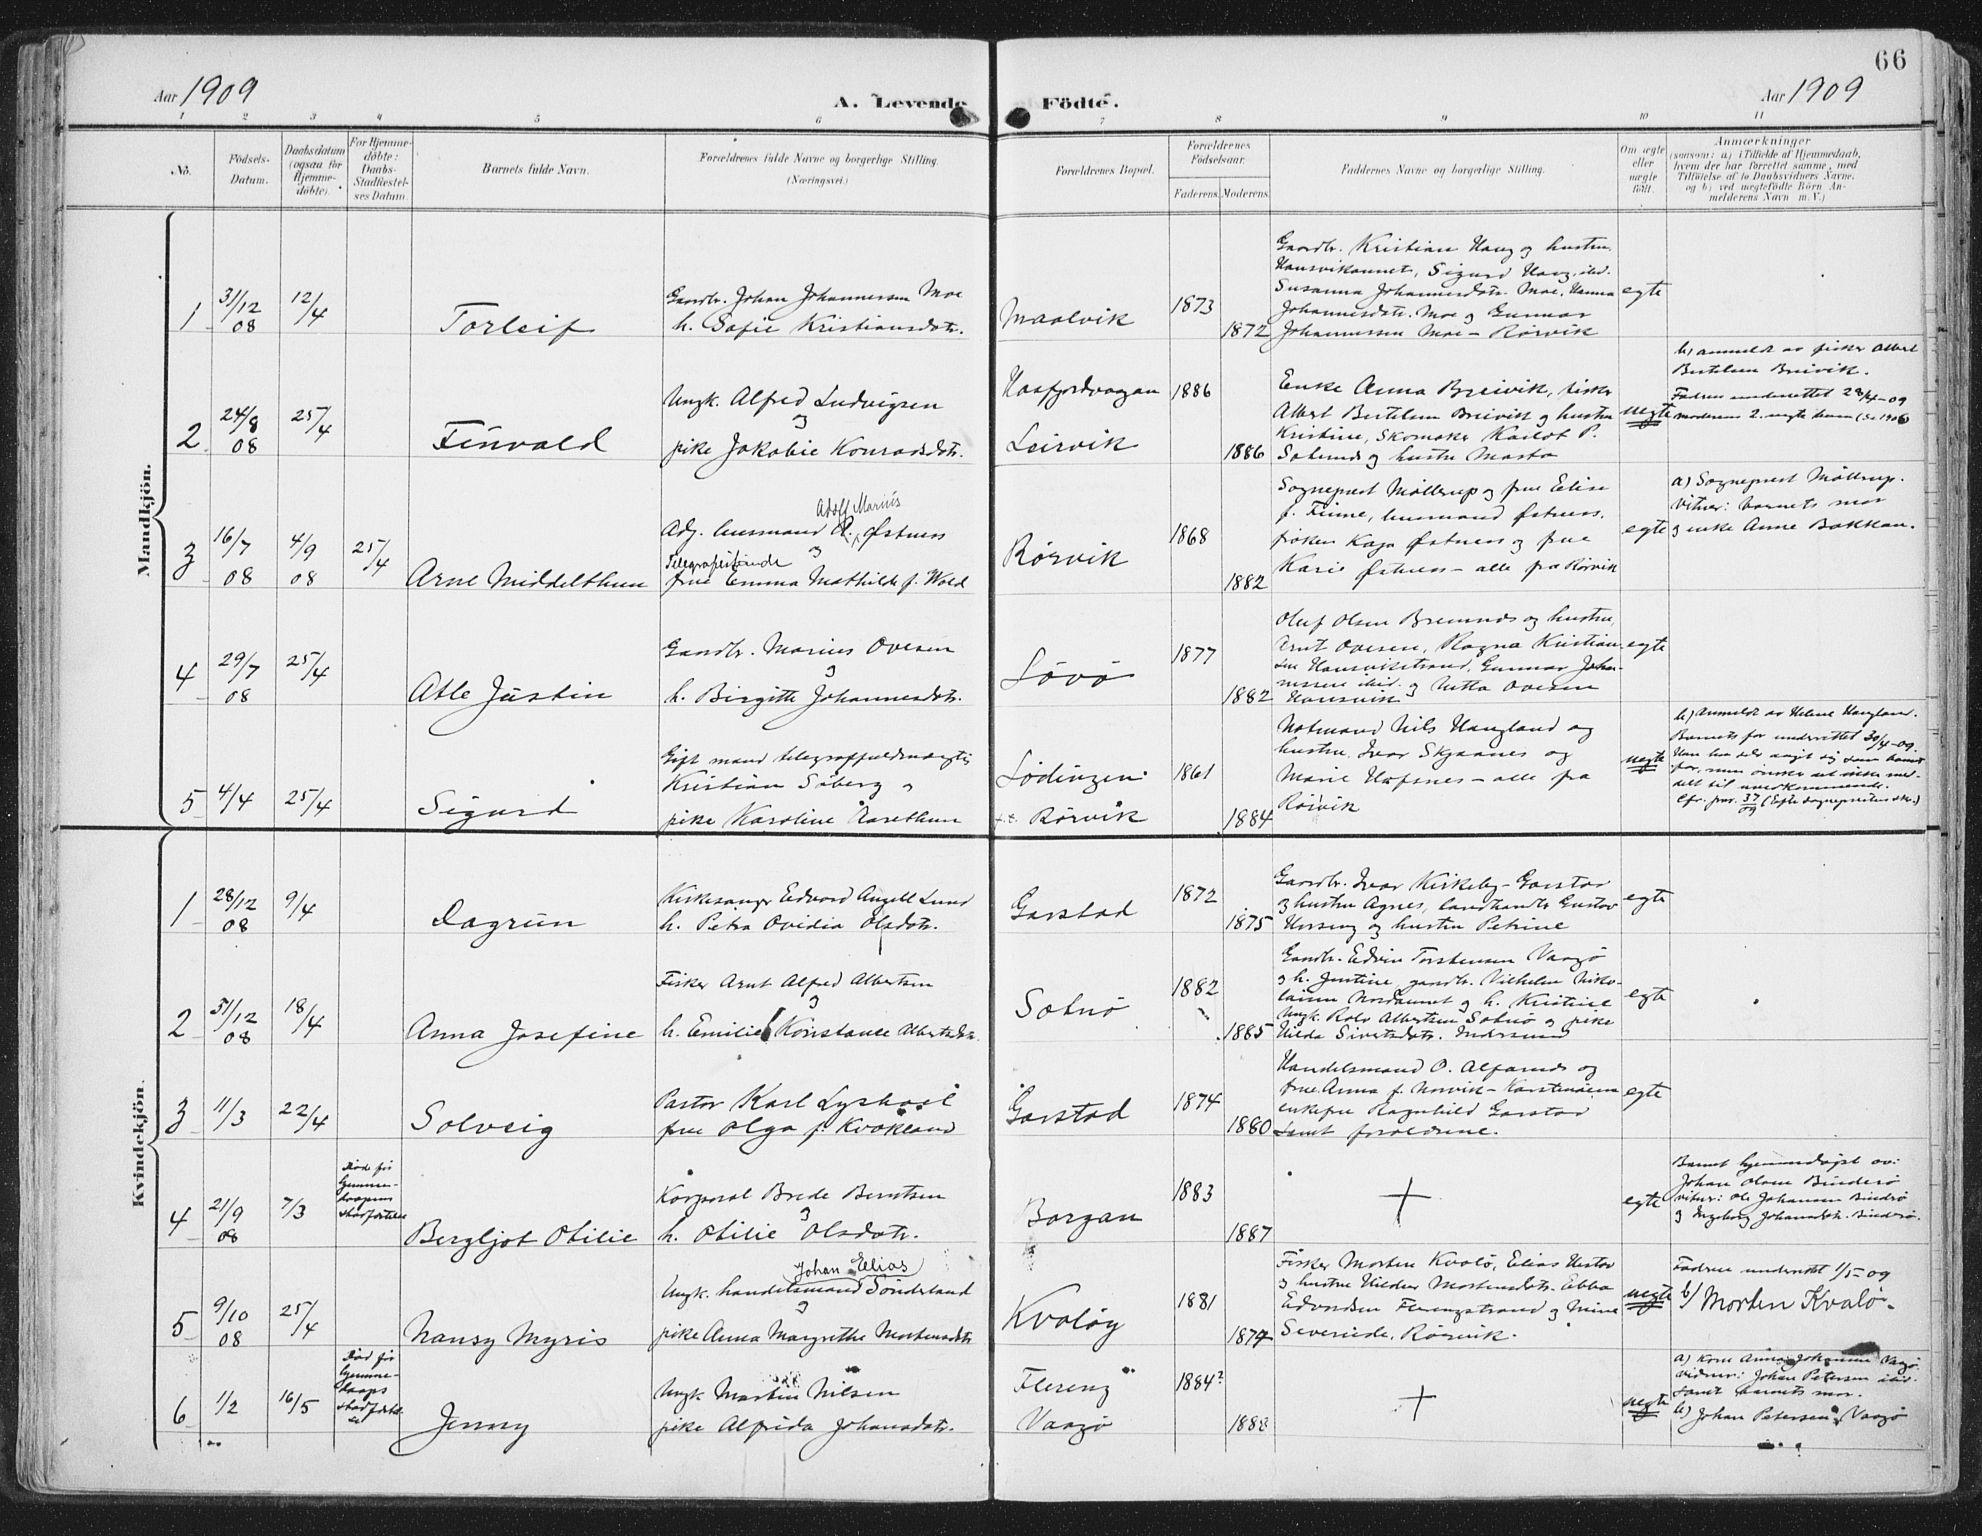 SAT, Ministerialprotokoller, klokkerbøker og fødselsregistre - Nord-Trøndelag, 786/L0688: Ministerialbok nr. 786A04, 1899-1912, s. 66